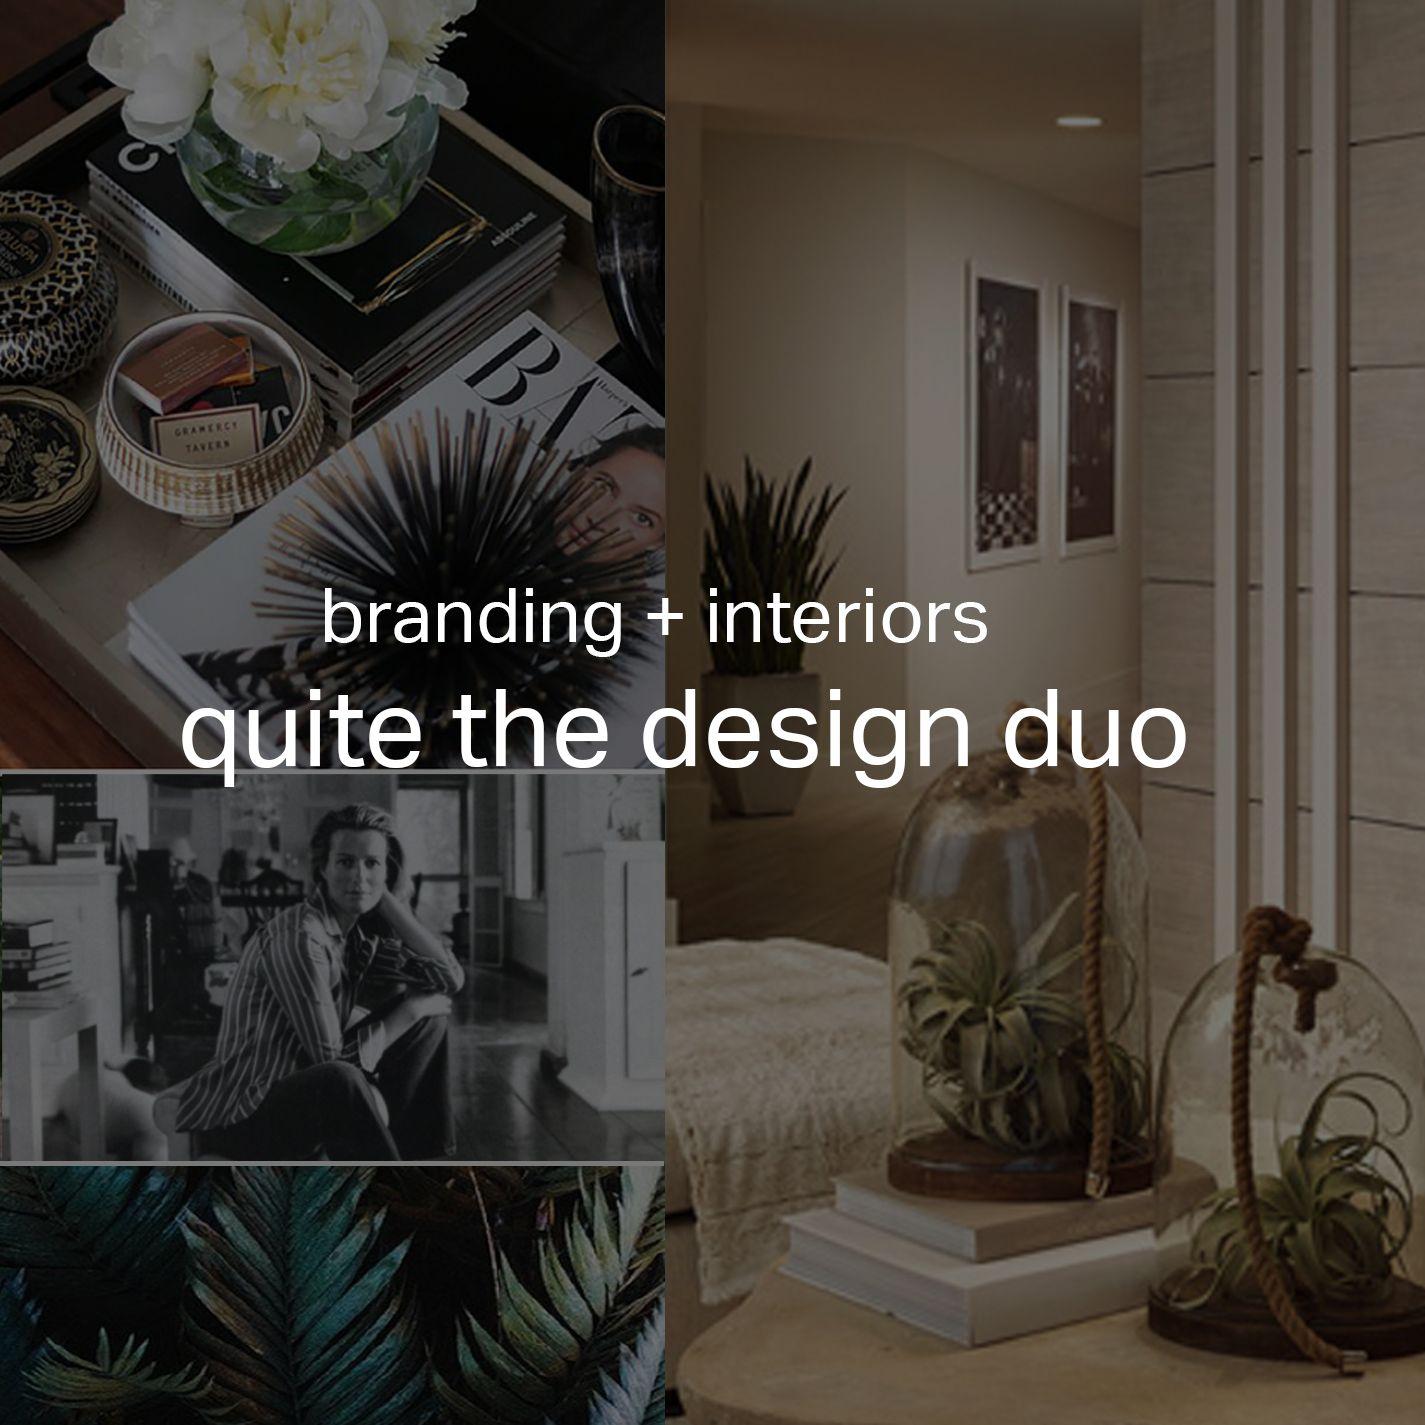 interiors_featuregraphic